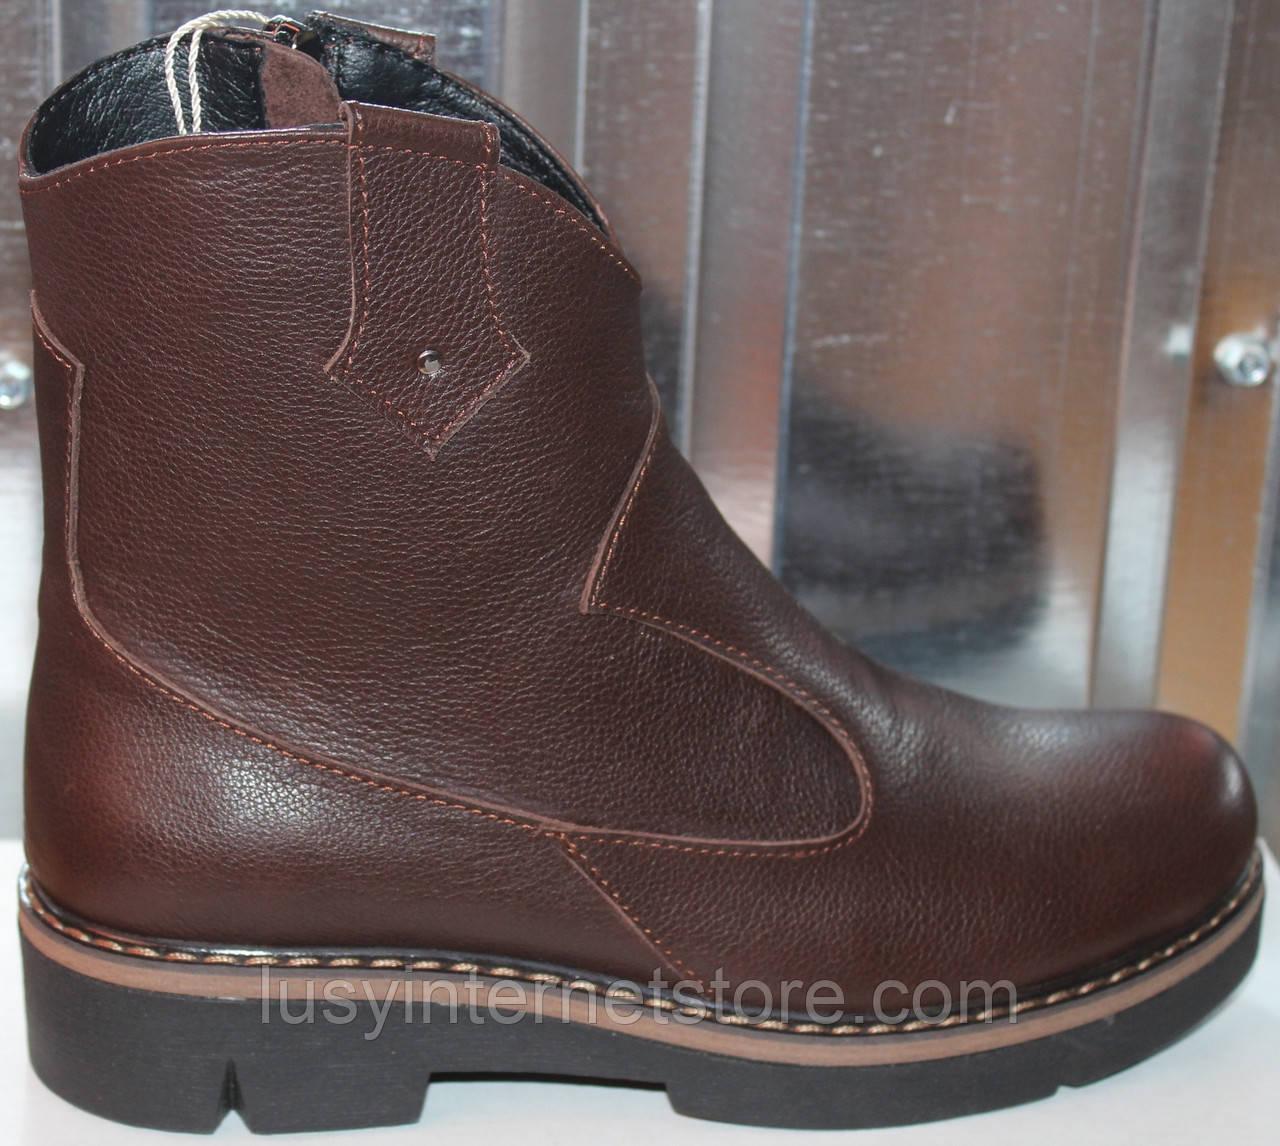 Ботинки коричневые кожаные женские демисезонные от производителя модель СА217-2